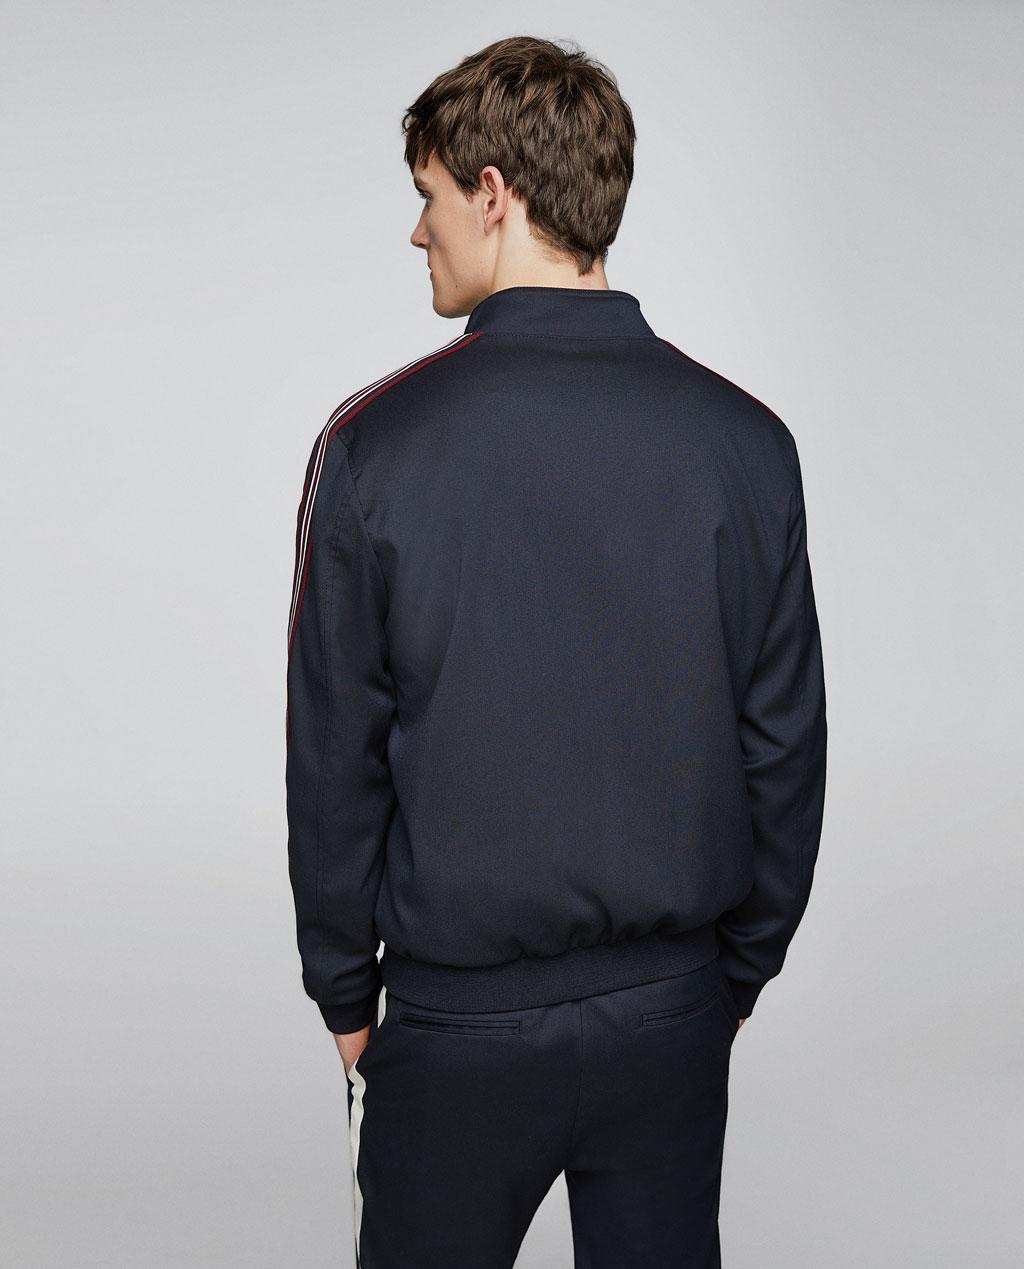 Thời trang nam Zara  23950 - ảnh 5